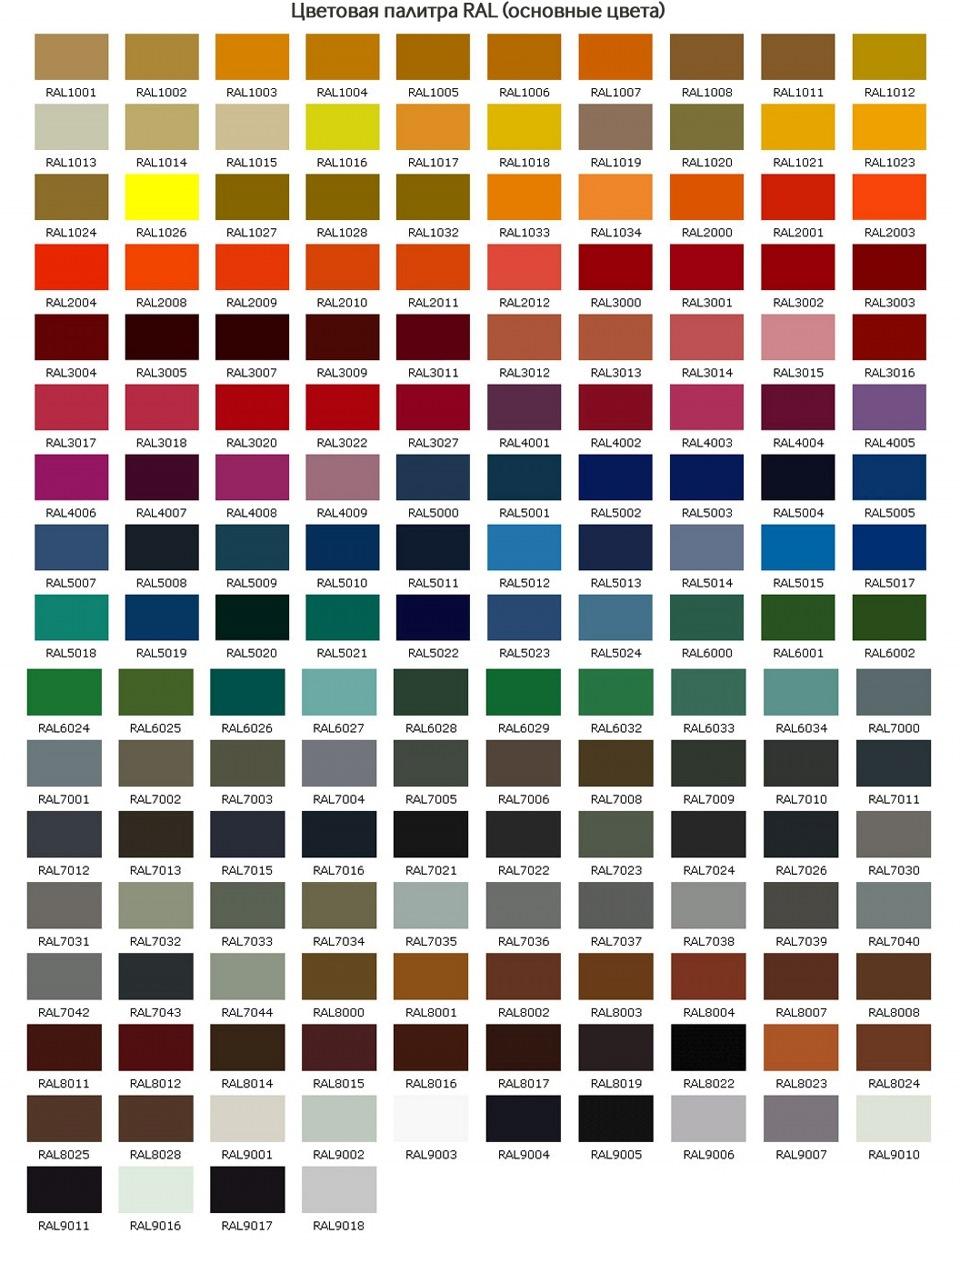 Какой цвет притягивает людей